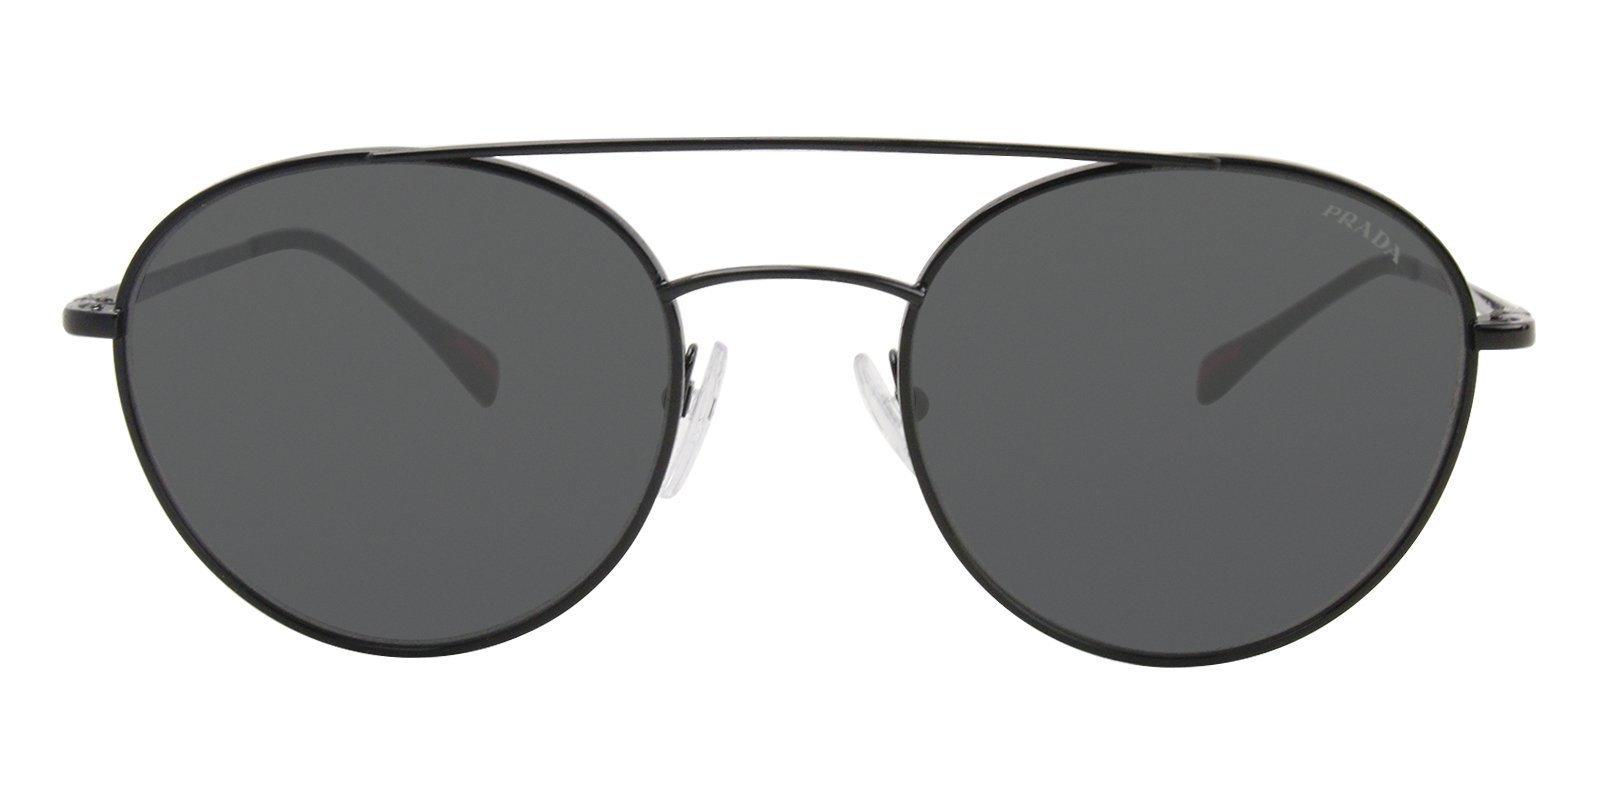 1624fa0c2437 Prada Sport SPS515 Black   Gray Lens Sunglasses – shadesdaddy